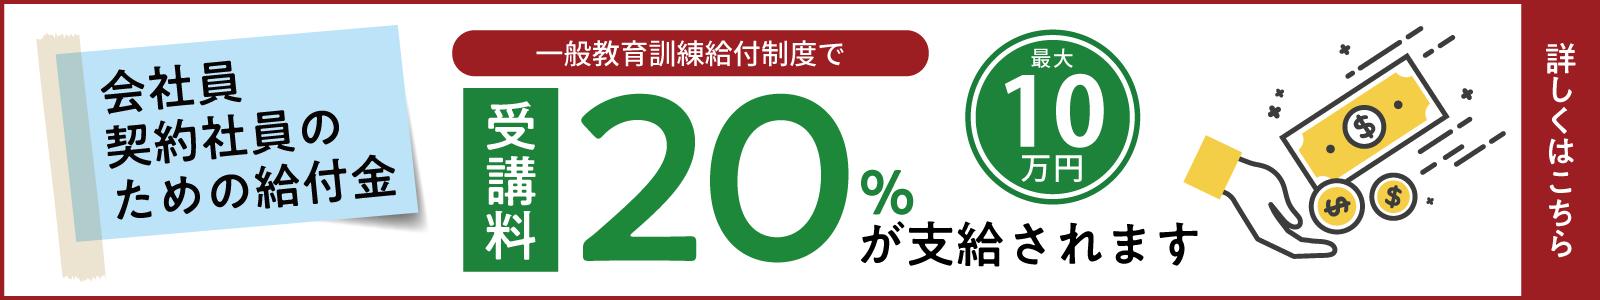 一般教育給付金制度を利用すると最大10万円が支給されます